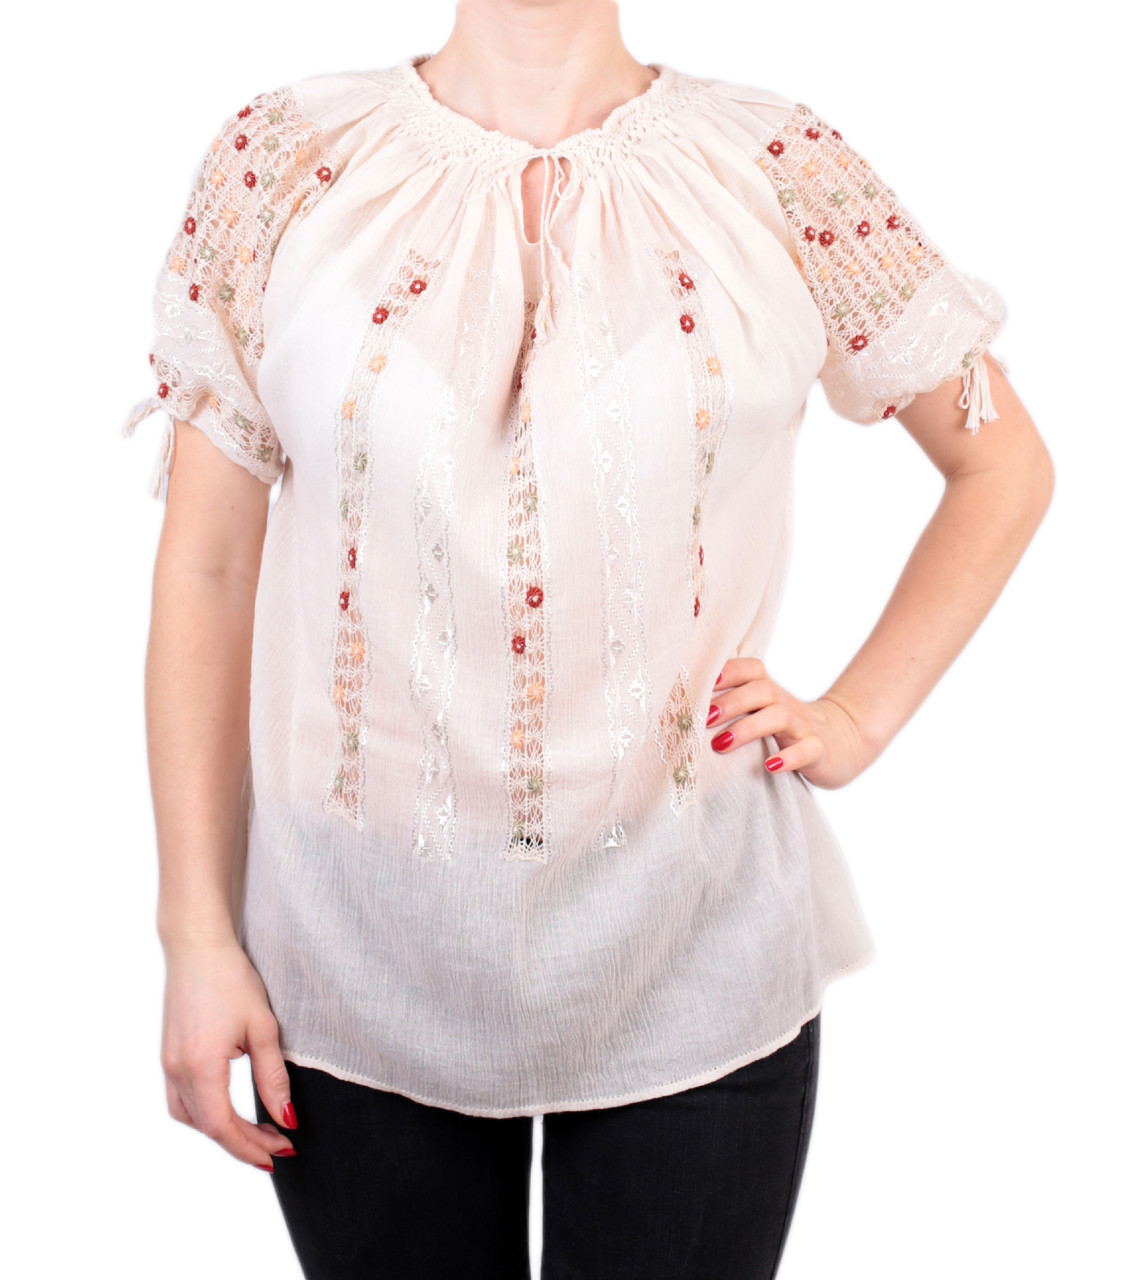 Жіноча вишита сорочка/блузка марльовка з червоним орнаментом на короткий рукав